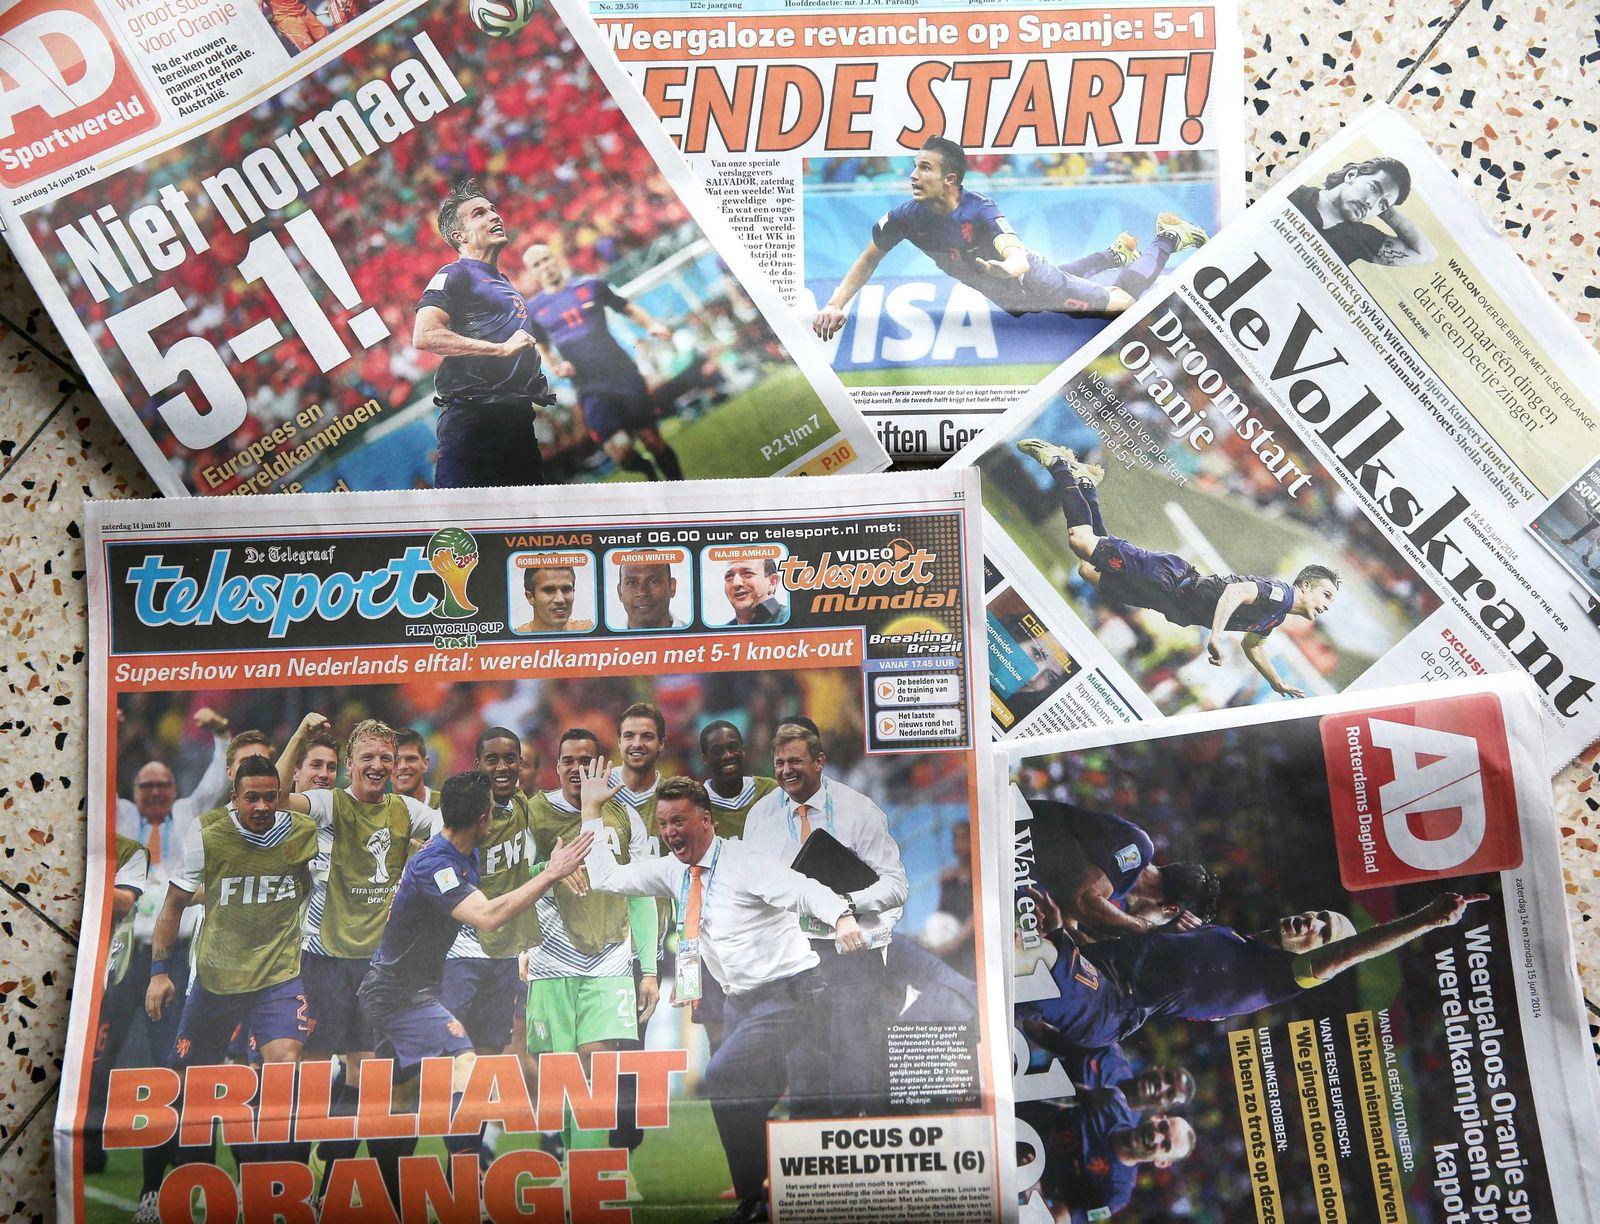 WM 2014 Zeitung Niederlande